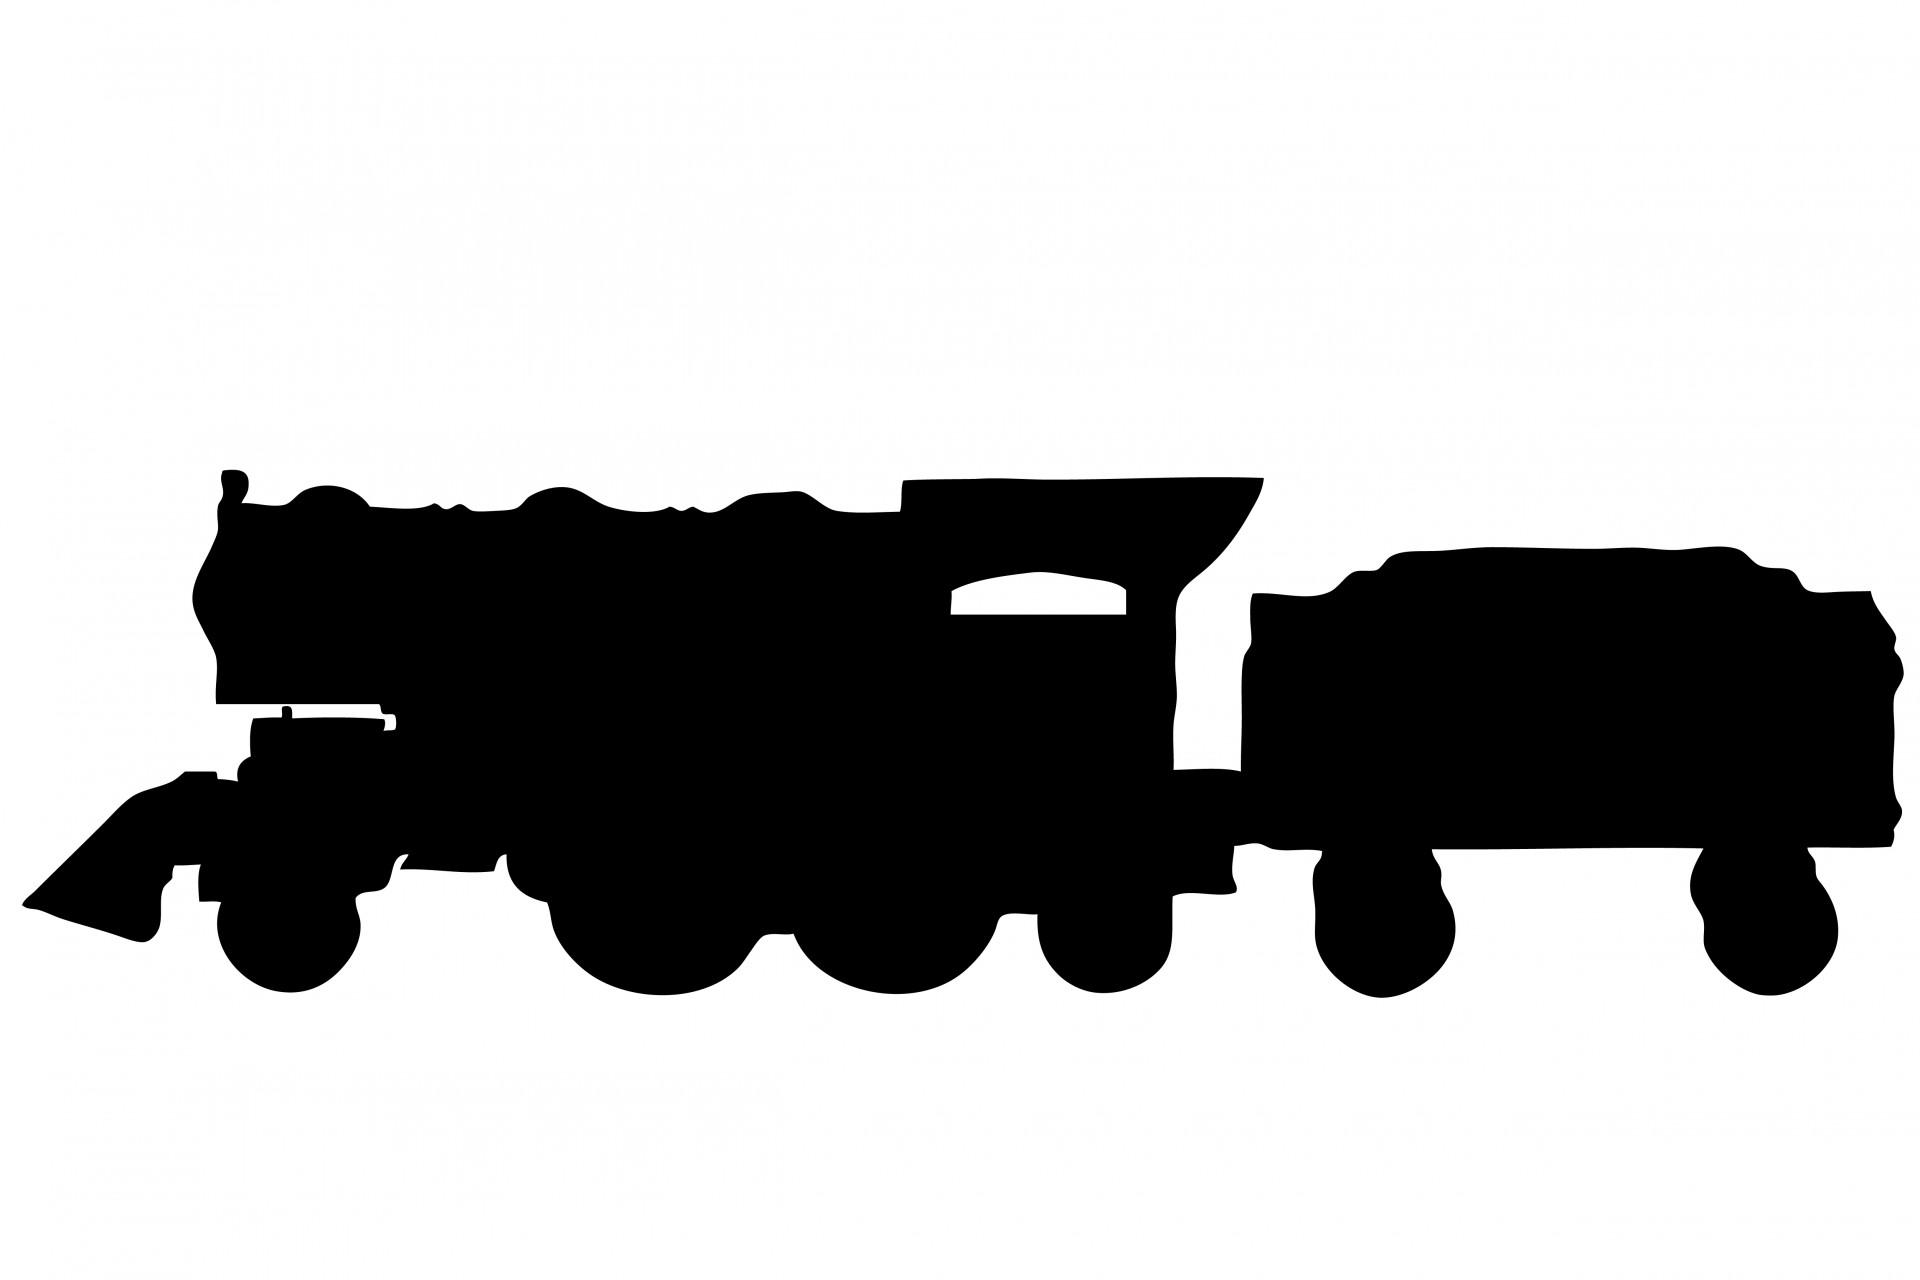 Railways clipart steam engine #4